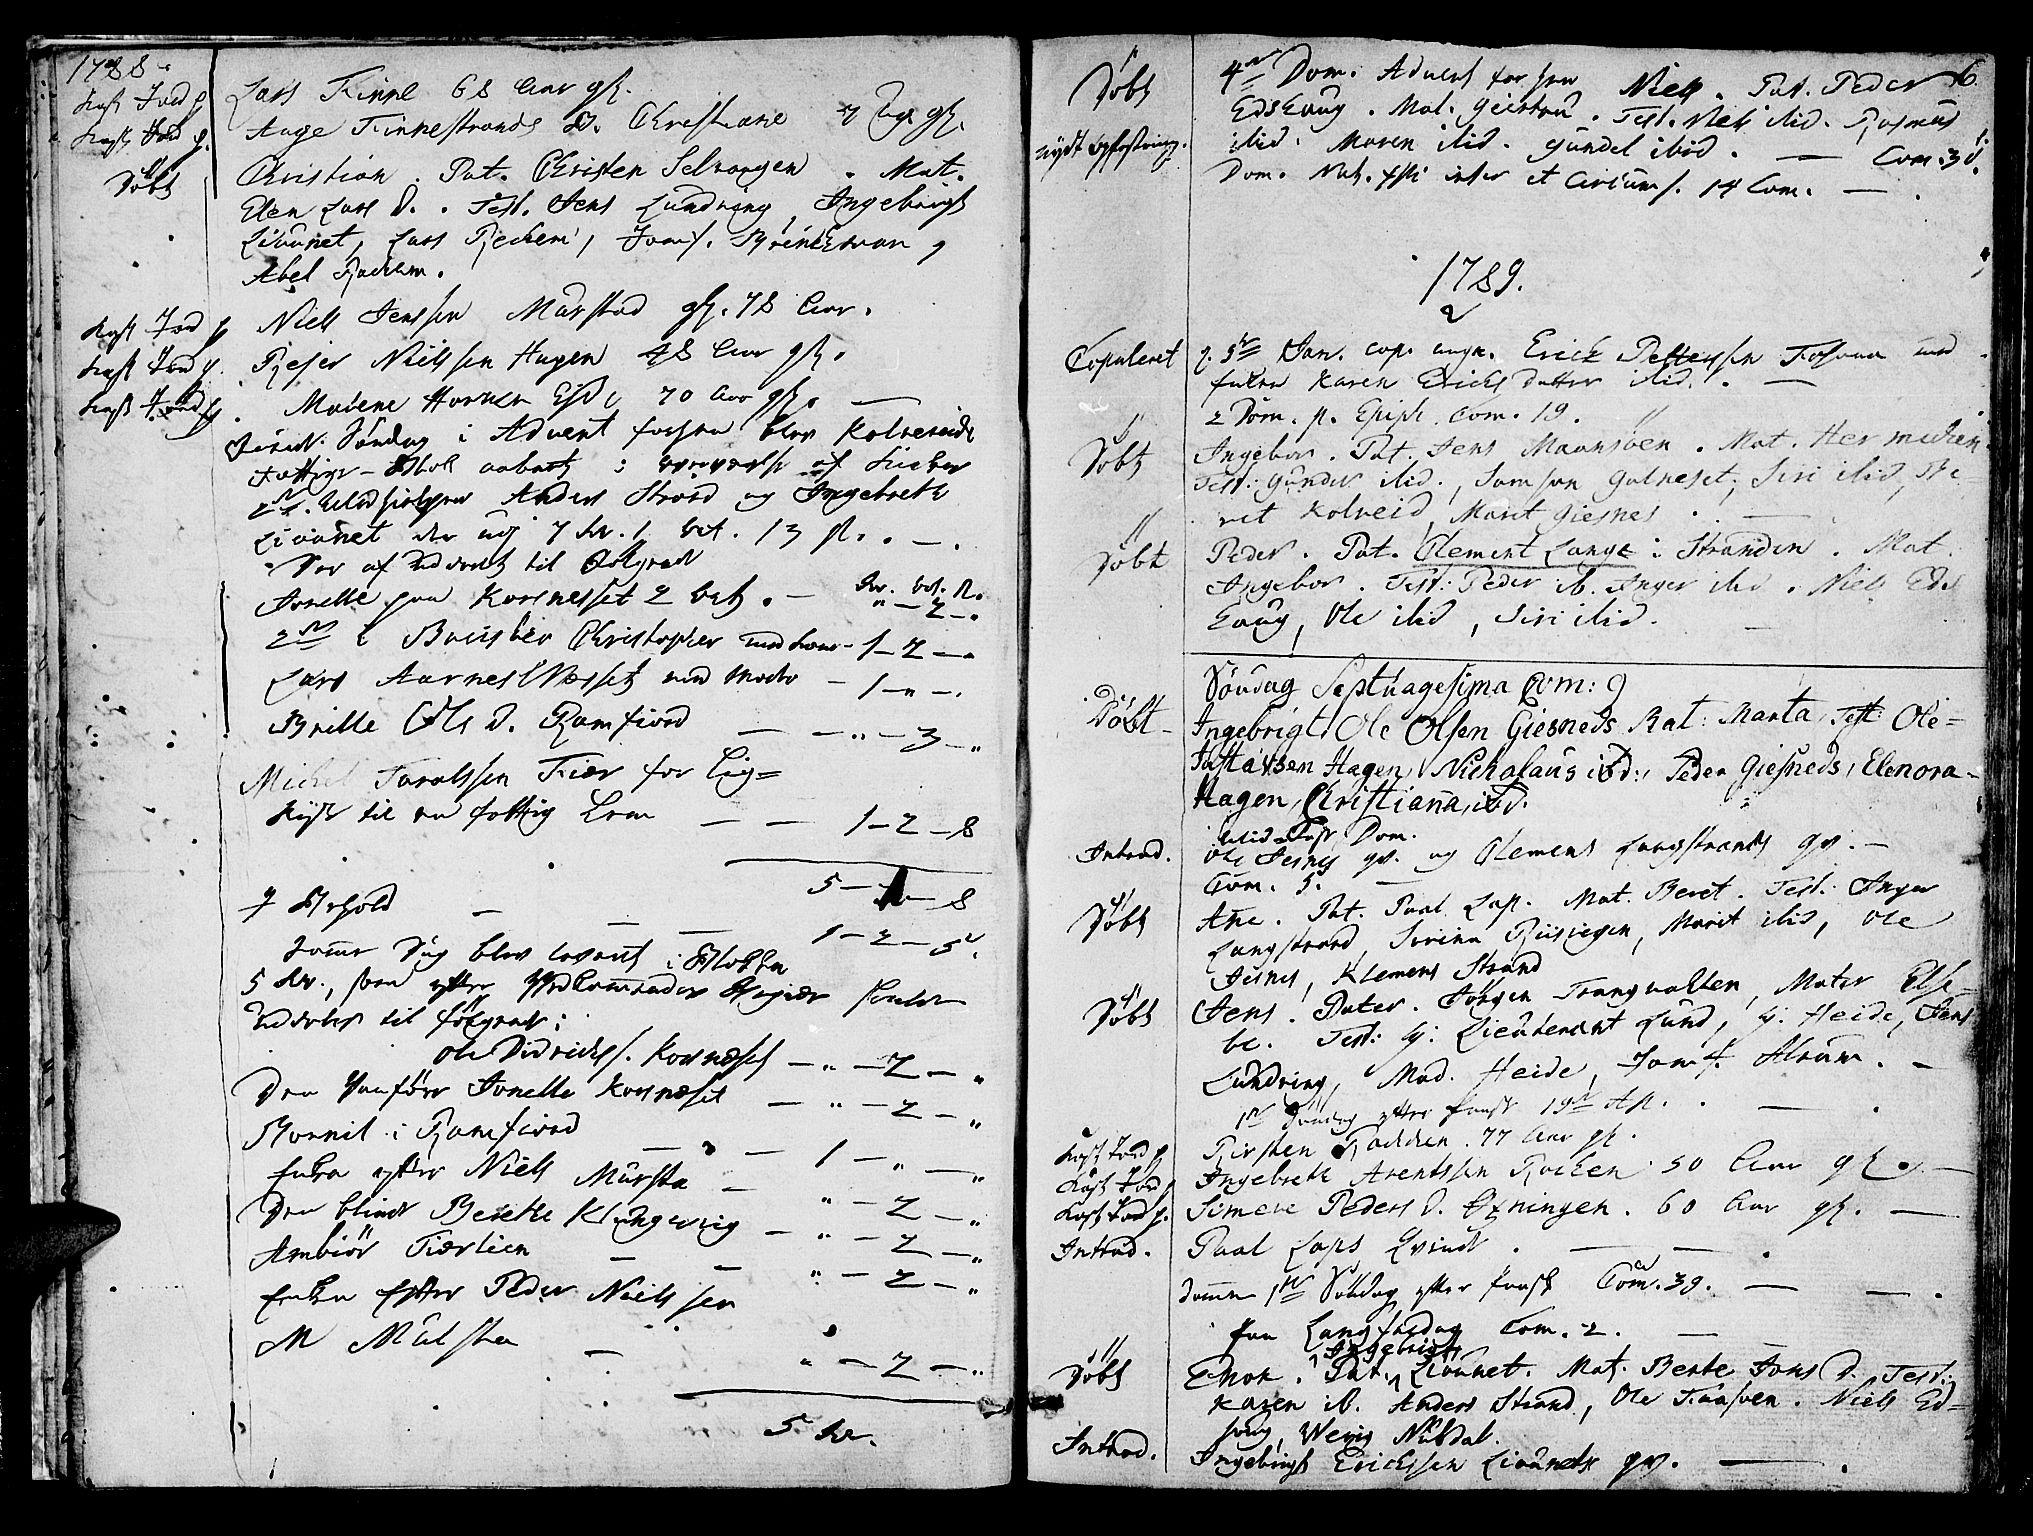 SAT, Ministerialprotokoller, klokkerbøker og fødselsregistre - Nord-Trøndelag, 780/L0633: Ministerialbok nr. 780A02 /1, 1787-1814, s. 6